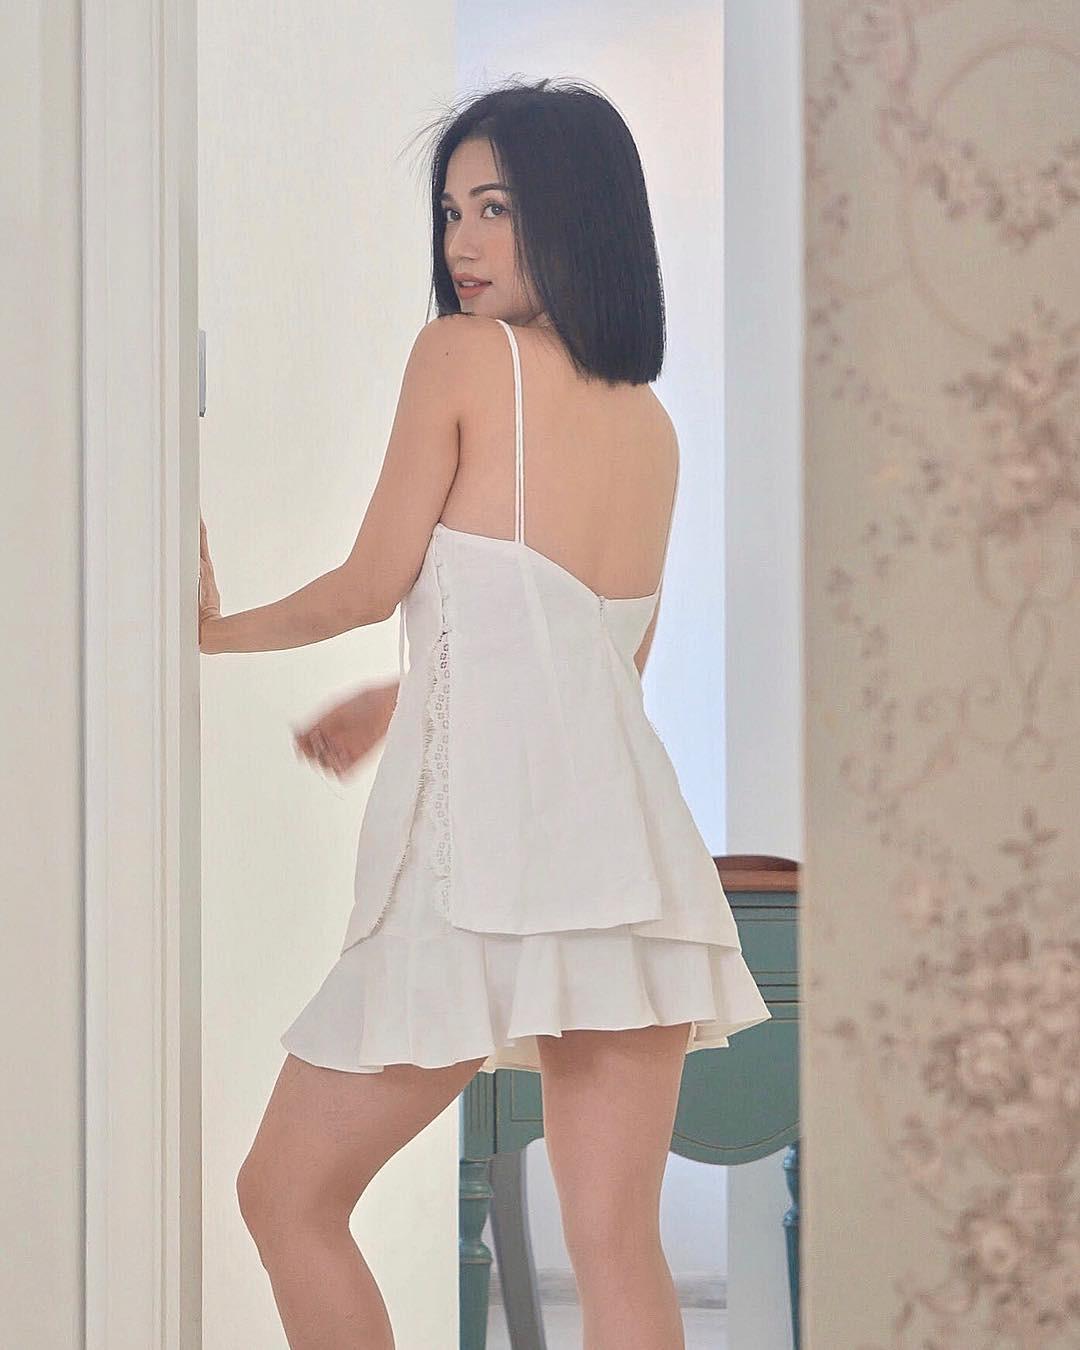 Những khoảnh khắc khoe đường cong nóng bỏng đốt mắt người xem của bạn gái Huỳnh Phương FapTV